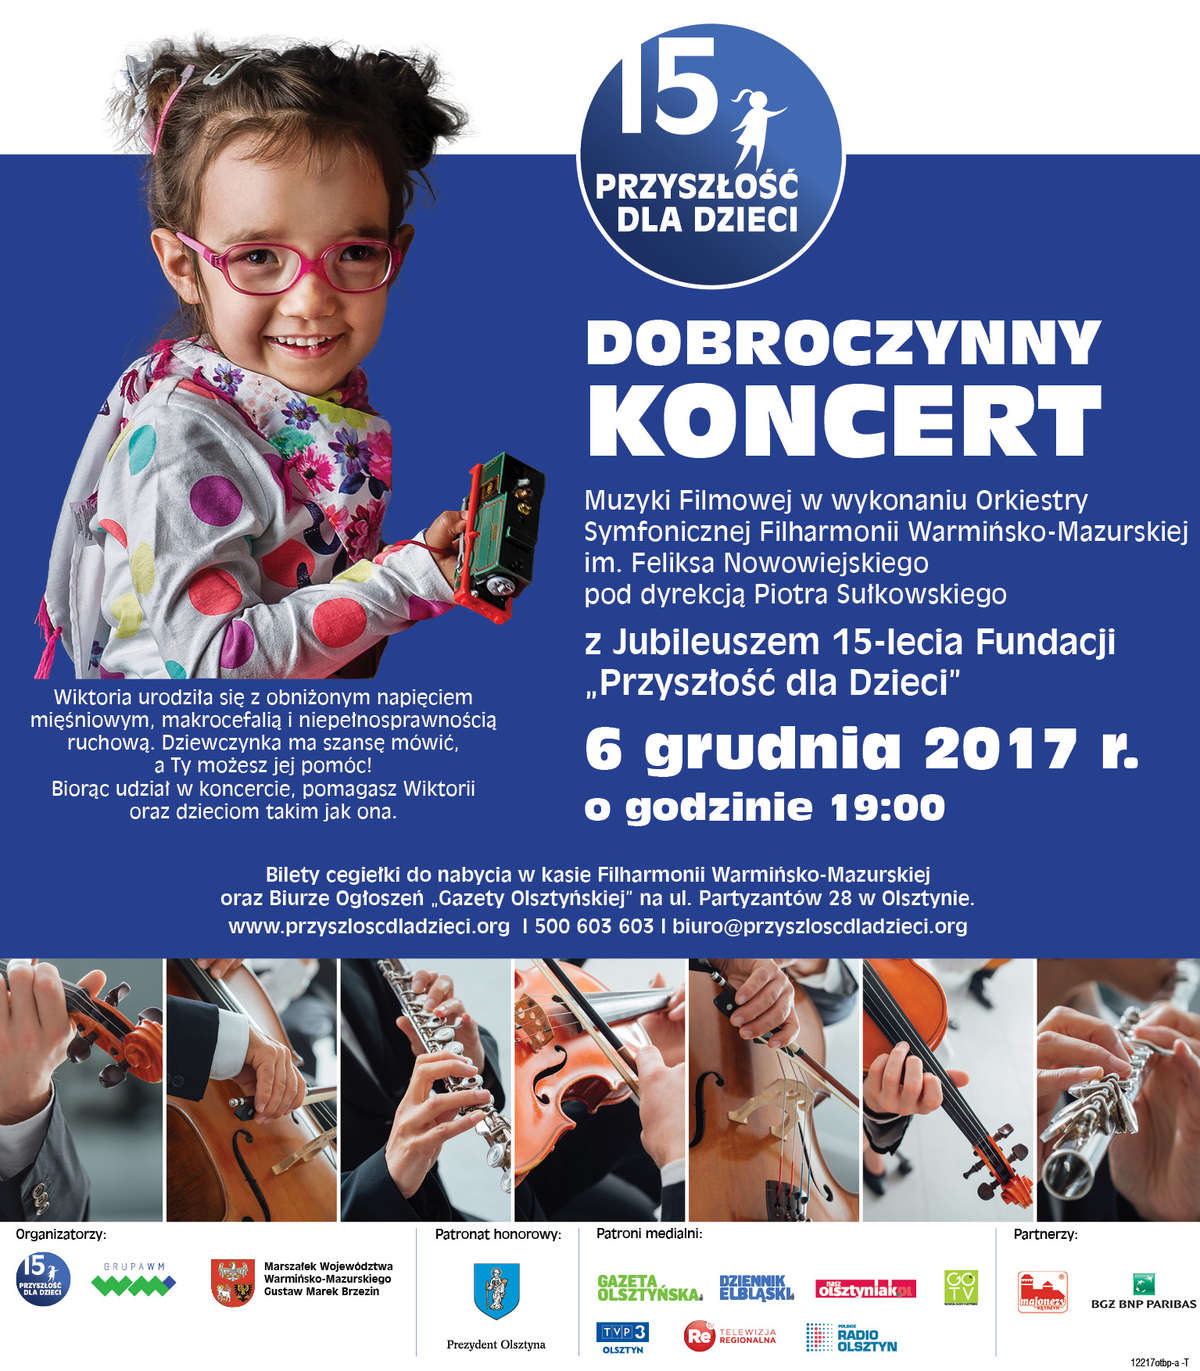 Już dziś Dobroczynny Koncert  Muzyki Filmowej!  - full image